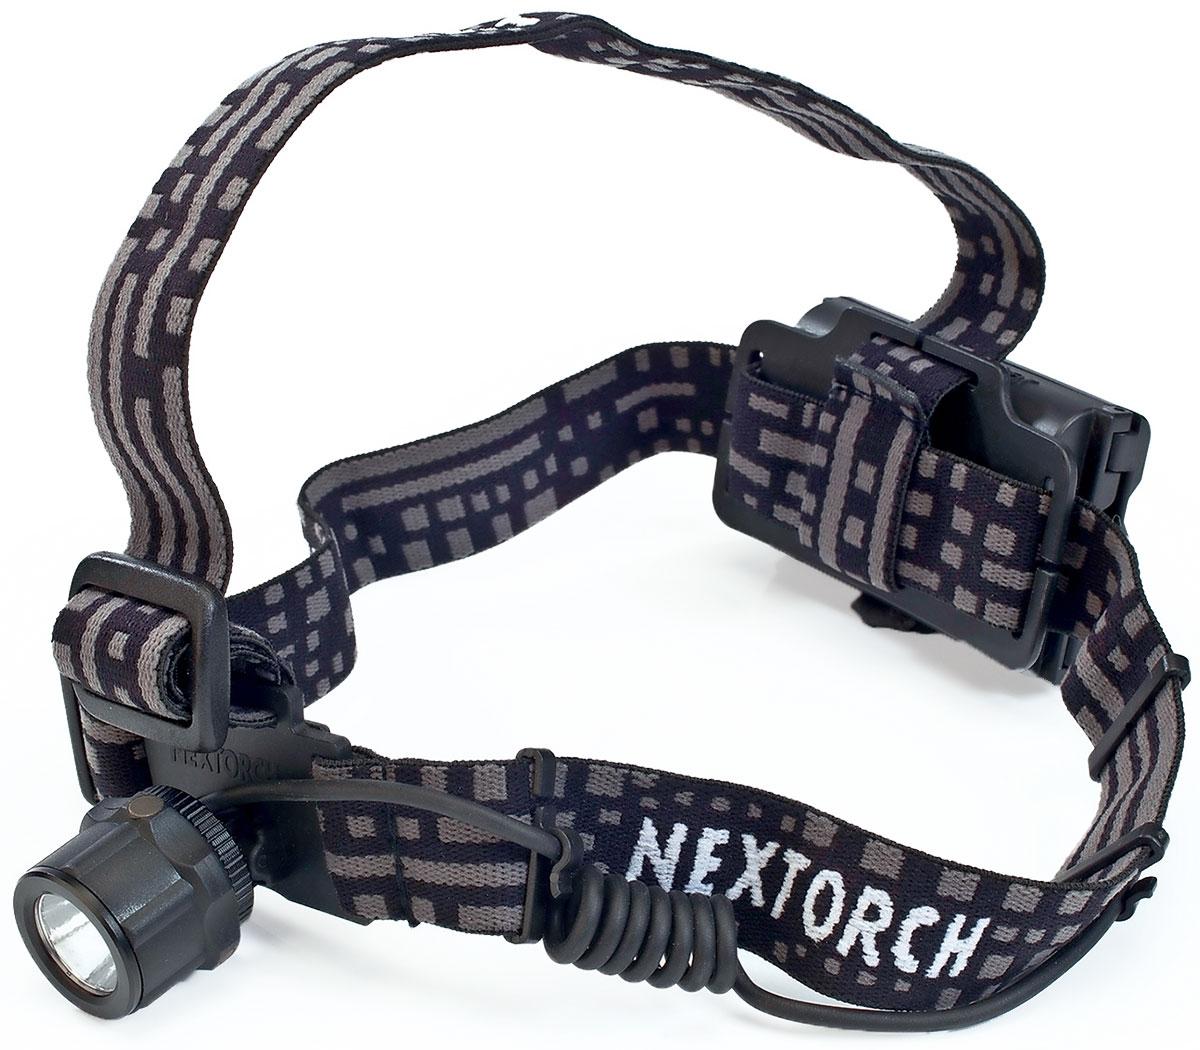 Фонарь налобный Nextorch Viker Star, цвет: черныйViker StarНалобный фонарь светодиодный Nextorch Viker Star до 140 люмен, 3 режима. Налобный фонарь Viker Star - это многофункциональный налобный фонарь.Он может использоваться на пеших и велосипедных прогулках, выездах на природу, при работах по хозяйству и в гараже, при монтажных работах, а так же при чтении книг и многое другое.Фонарь не боится ударов и имеет влагоустойчивый корпус. Ремешки сделаны из материала, который представляет собой смесь высококачественного нейлона и резины, что делает его воздухопроницаемым (дышащим) и удобным. Это позволяет легко и быстро регулировать ремень по обхвату вашей головы.Блок размещения батарей находится сзади.Смена режимов работы фонаря осуществляется поворотом блока свечения. На поворотном кольце имеется индикатор заряда батареи, который загорается только при необходимости замены элементов питания.Блок свечения имеет угол наклона до 90°.Режимы работы: 1. Полная яркость 225 люм.2. Слабое свечение 20 люм.3. S. O. S.Характеристики: Светодиод:CREE XP-G2 R5.Мощность, люмены: 225 / 20 / S. O. S Время работы, минуты: 5ч. / 47ч. / -- .Тип батареи: 3 х AA (не поставляются в комплекте).Дистанция: 120 м.Диаметр блока свечения: 30 мм Материал корпуса: Корпус выполнен из противоударного пластика ABS.Водонепроницаемость: 1 м.Ударопрочность: 1 м.Вес с упаковкой: 152 г.Компания Nextorch уделяет особенное внимание производству инновационных переносных осветительных приборов. Применение самых передовых технологий освещения позволяет использовать максимально яркие источники света, достигая при этом невероятной эффективности и исключительной долговечности элементов питания. Использование материалов аэрокосмических технологий - алюминия марки 6061-T6 с жестким анодированным покрытием Mil-Spec III для корпуса и элементов управления, придает фонарям Nextorch прочность, легкость, долговечность и эргономичность.